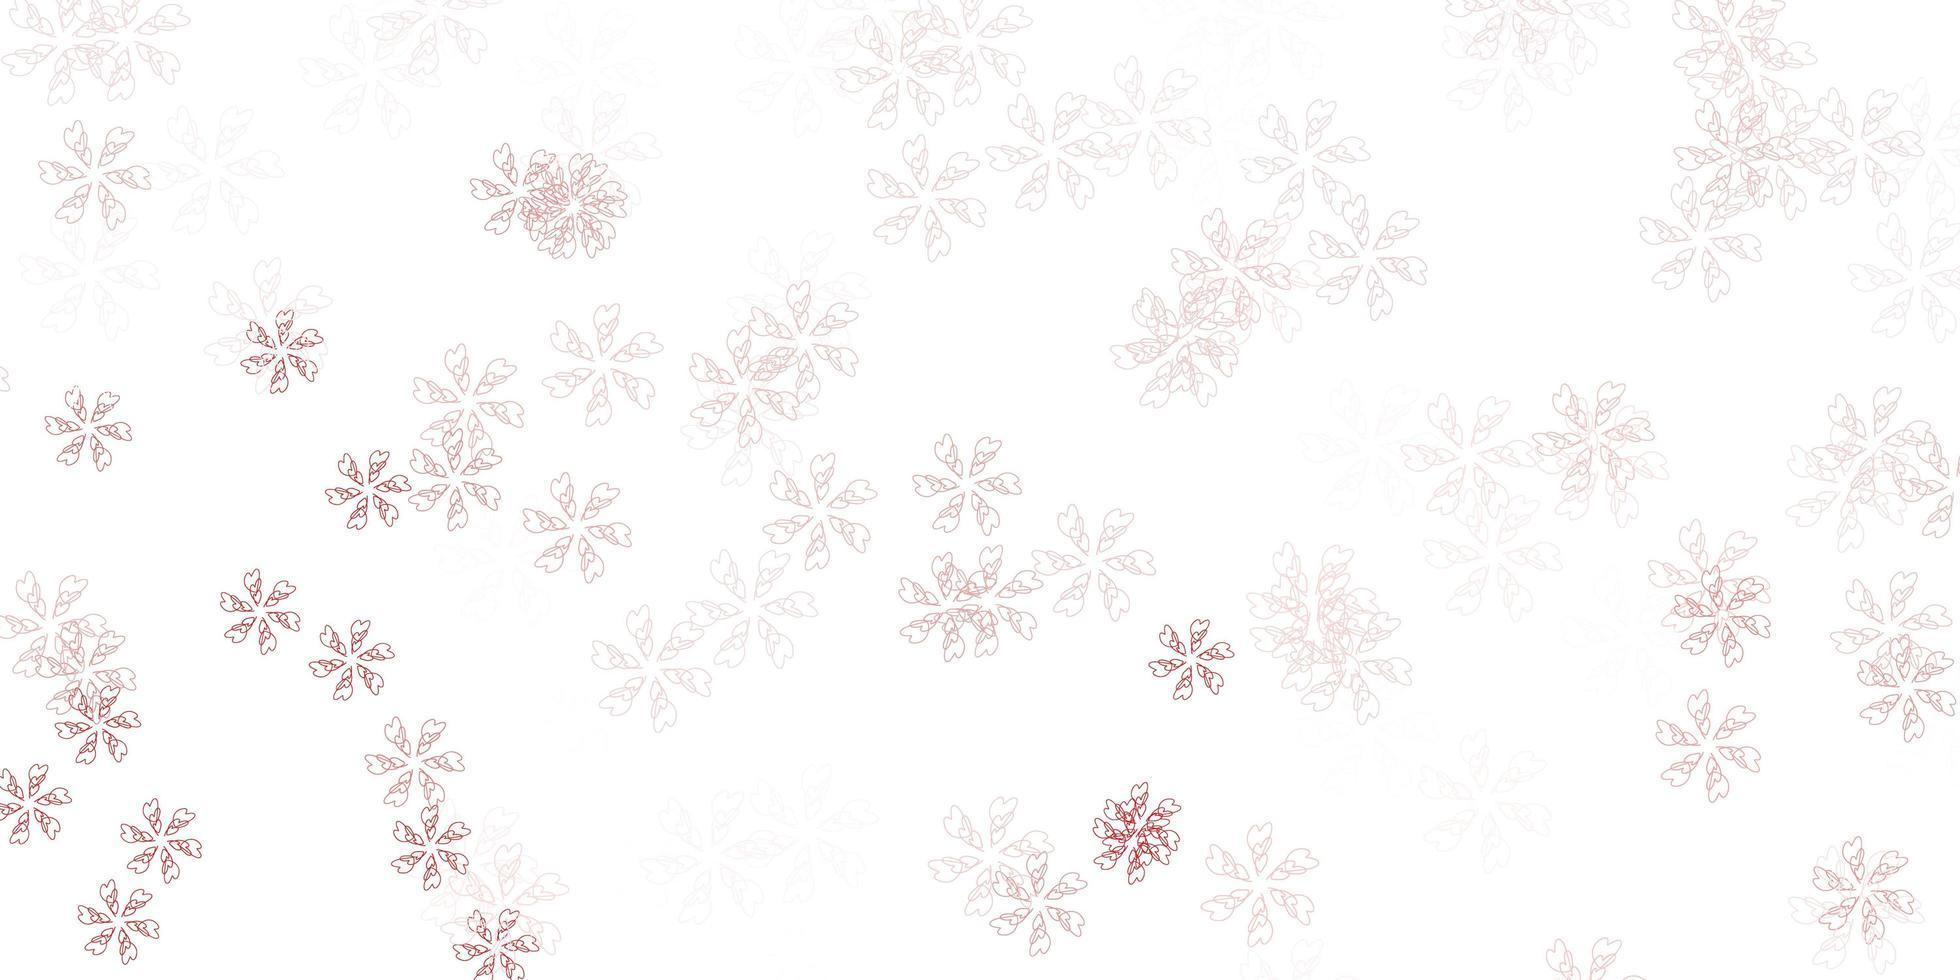 layout astratto rosso chiaro con foglie. vettore